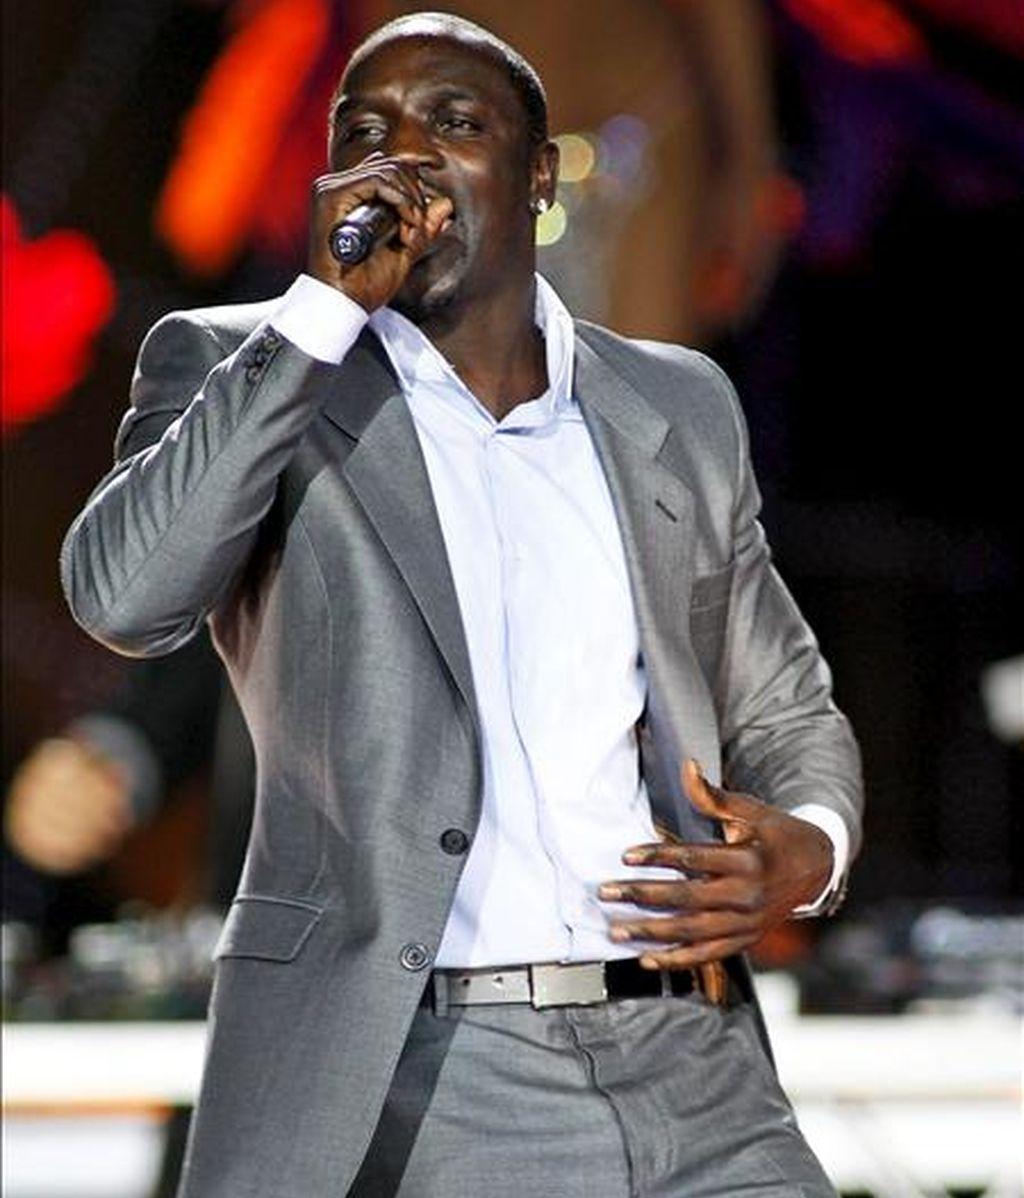 El cantante senegalés Alioune Badara Thiam, más conocido como Akon, nacionalizado estadounidense, ha sido nombrado embajador itinerante de Senegal. EFE/Archivo